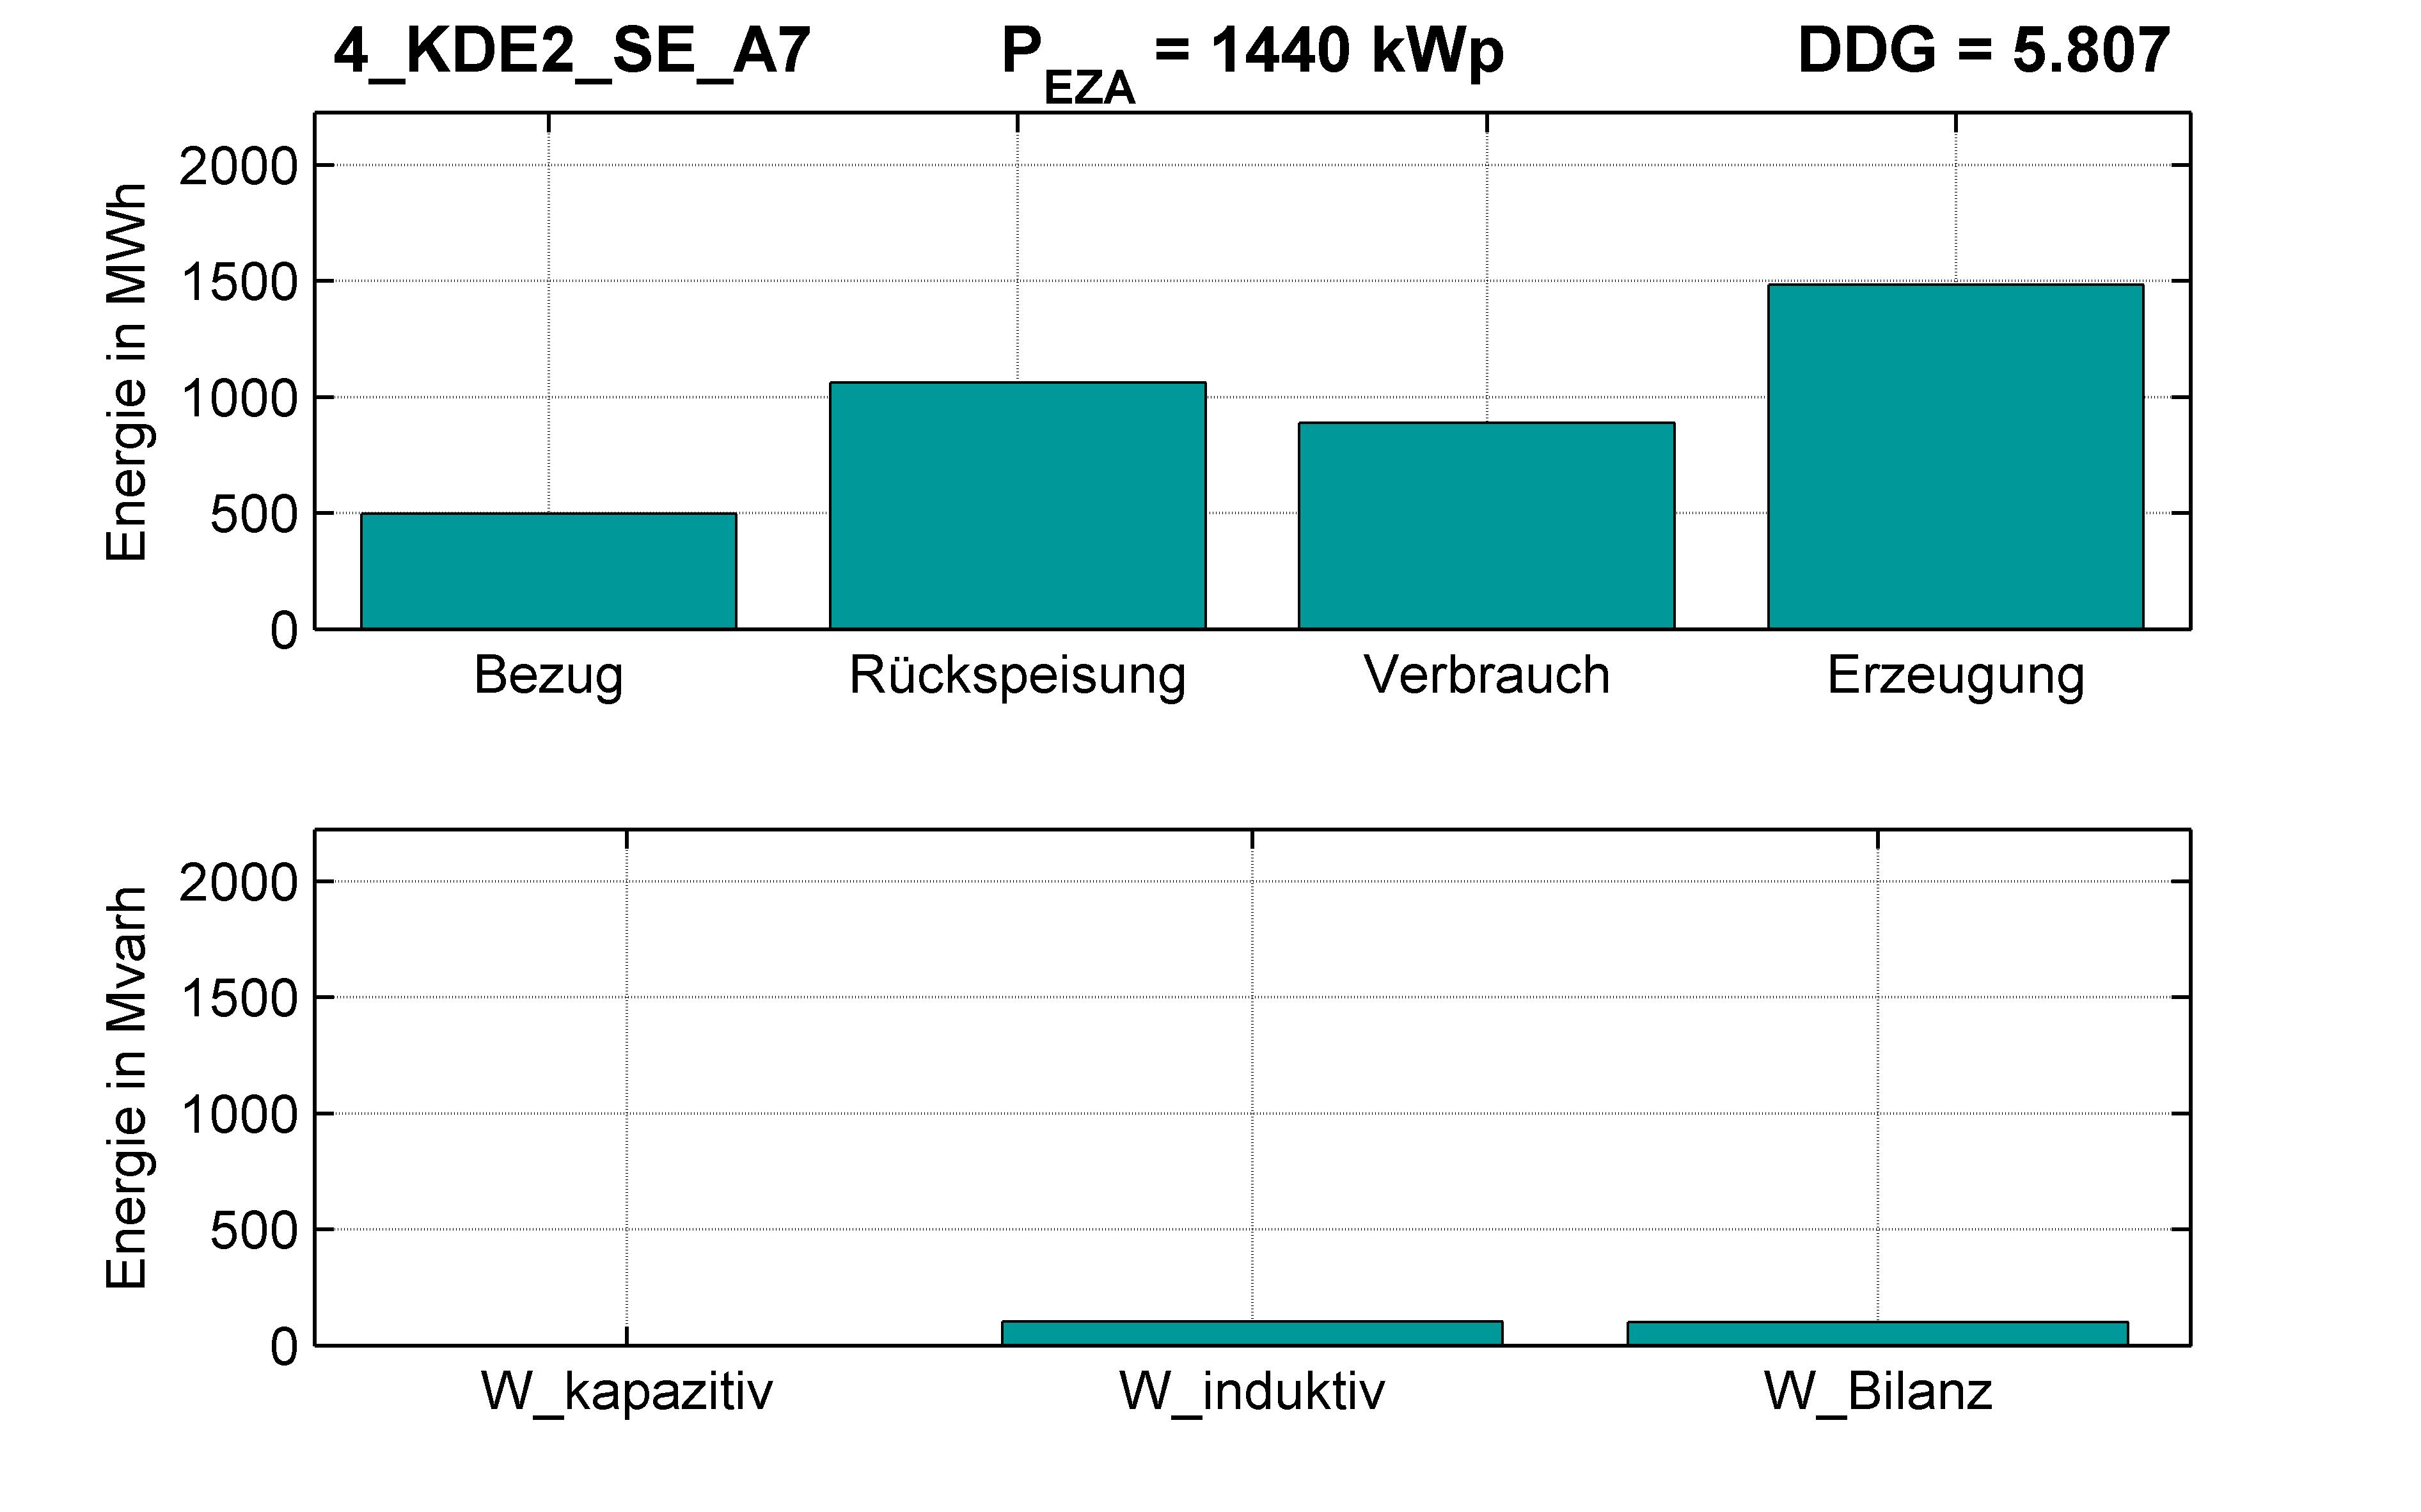 KDE2 | P-Kappung 55% (SE) A7 | PQ-Bilanz